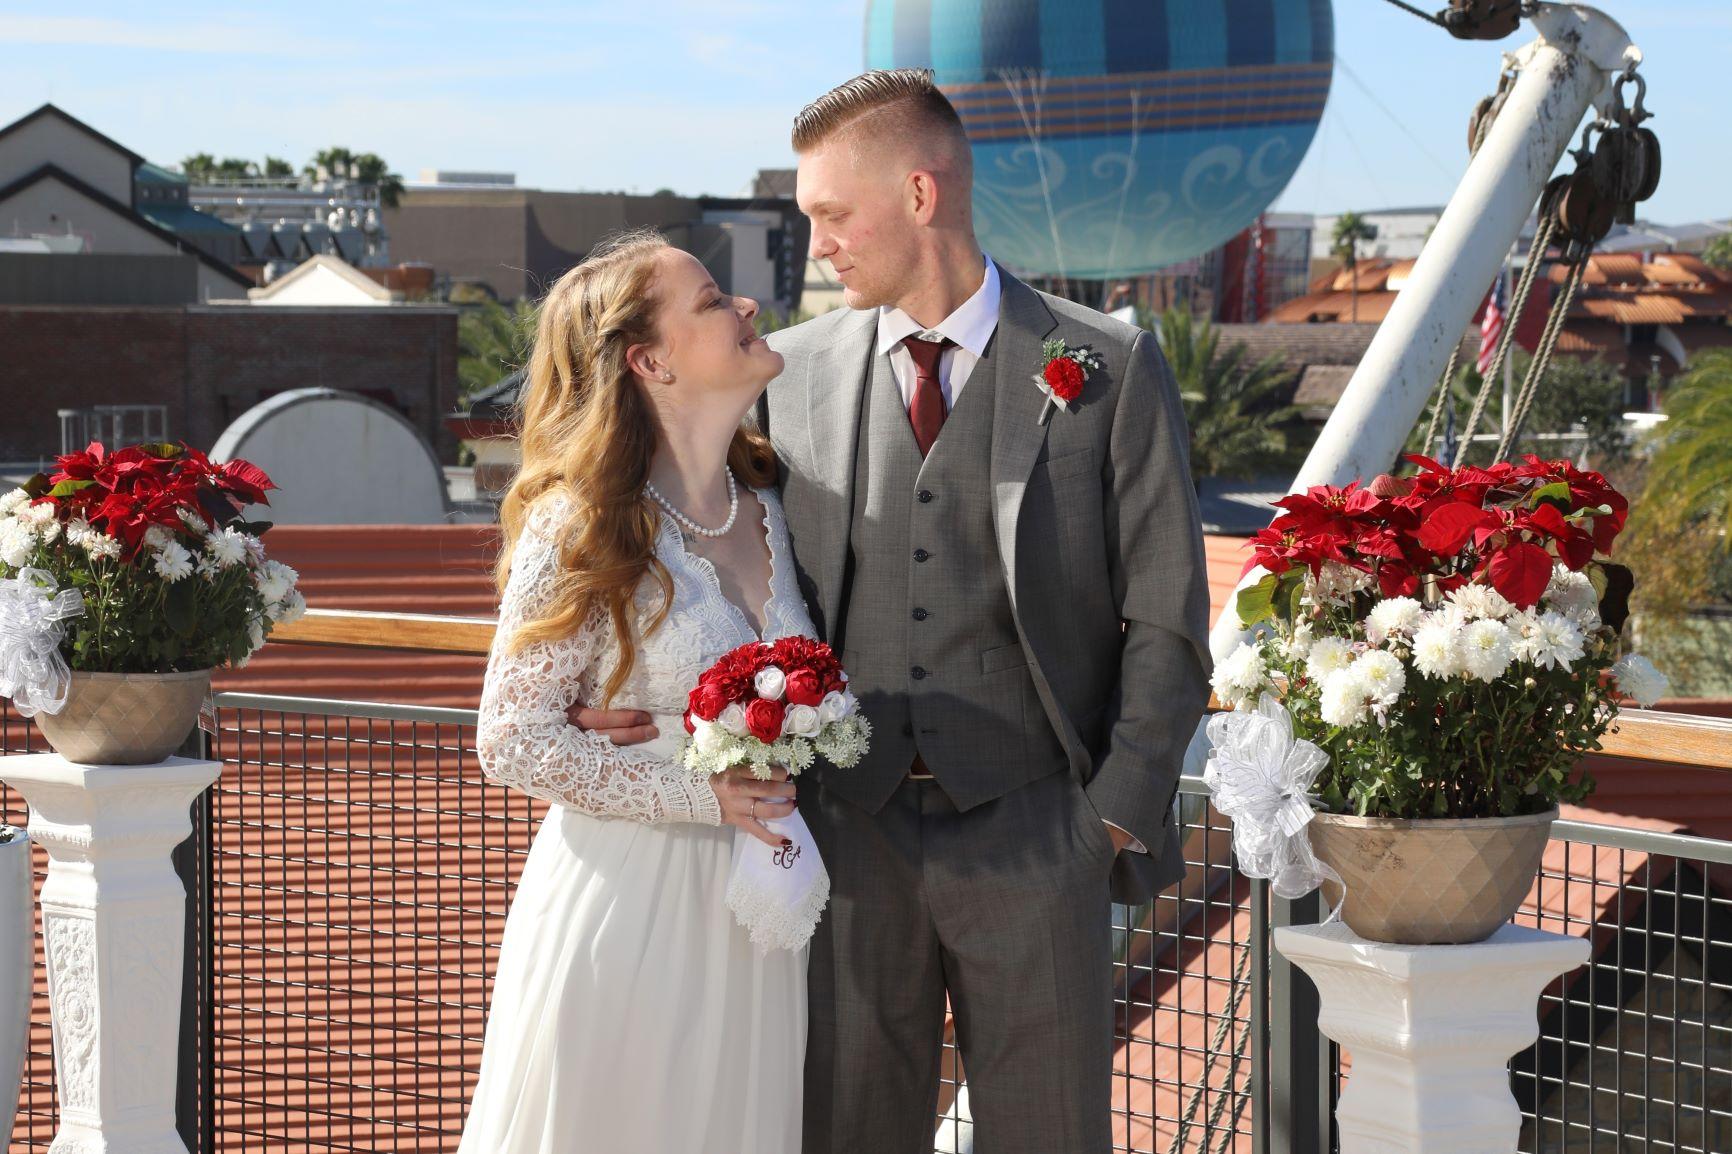 Magical Holiday Wedding   Chloe and John at Paddlefish Disney Springs